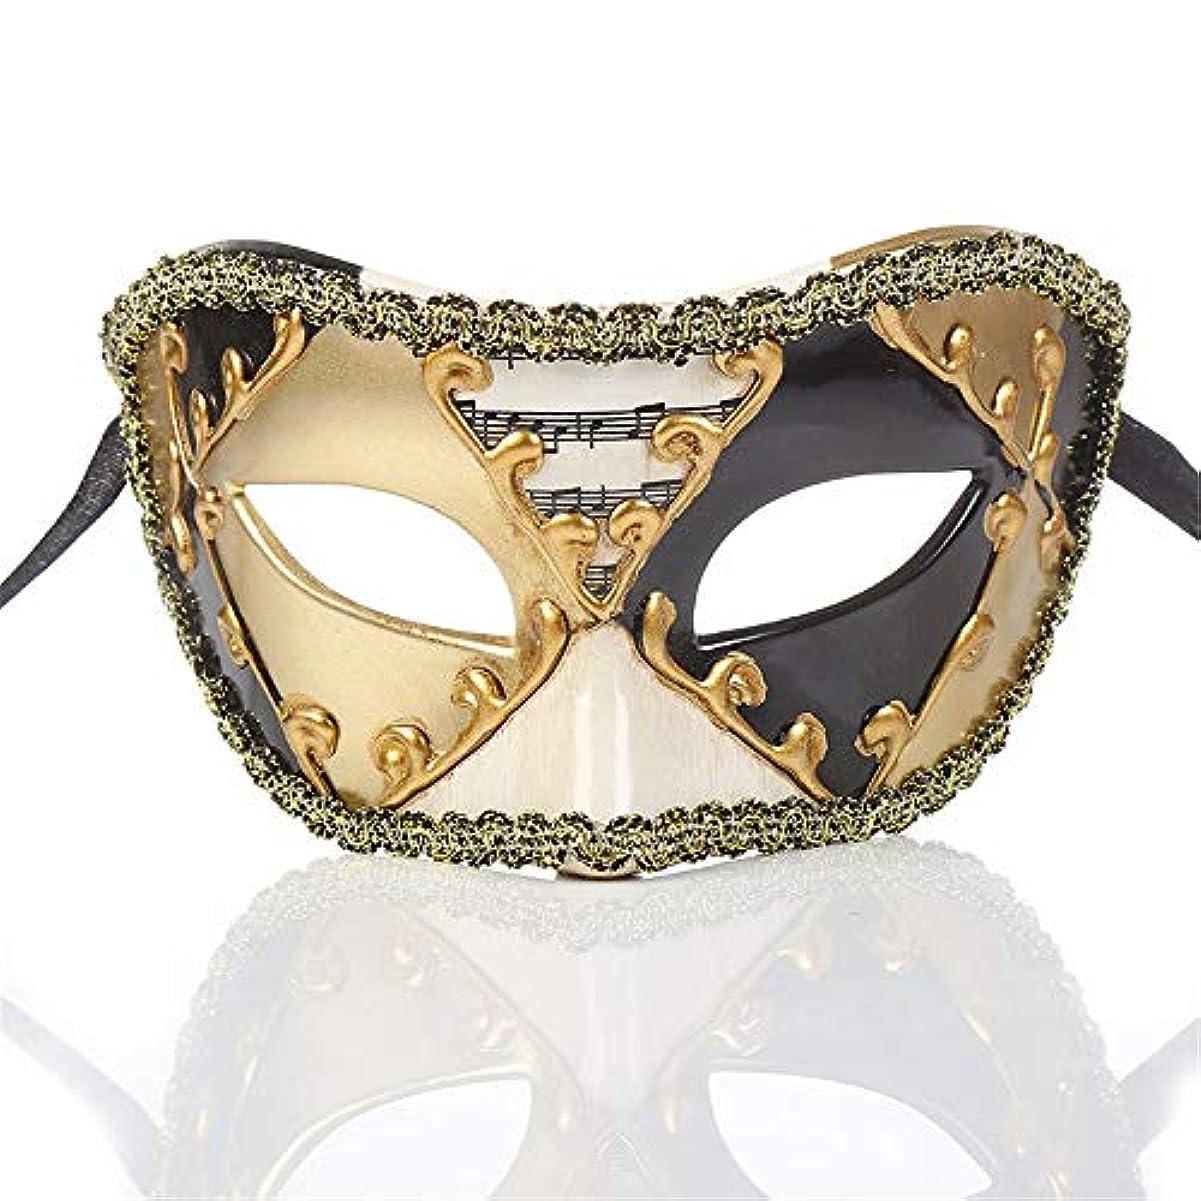 コンペドラッグ離婚ダンスマスク ヴィンテージクラシックハーフフェイスクラウンミュージカルノート装飾マスクフェスティバルロールプレイングプラスチックマスク ホリデーパーティー用品 (色 : ブラック, サイズ : 16.5x8cm)